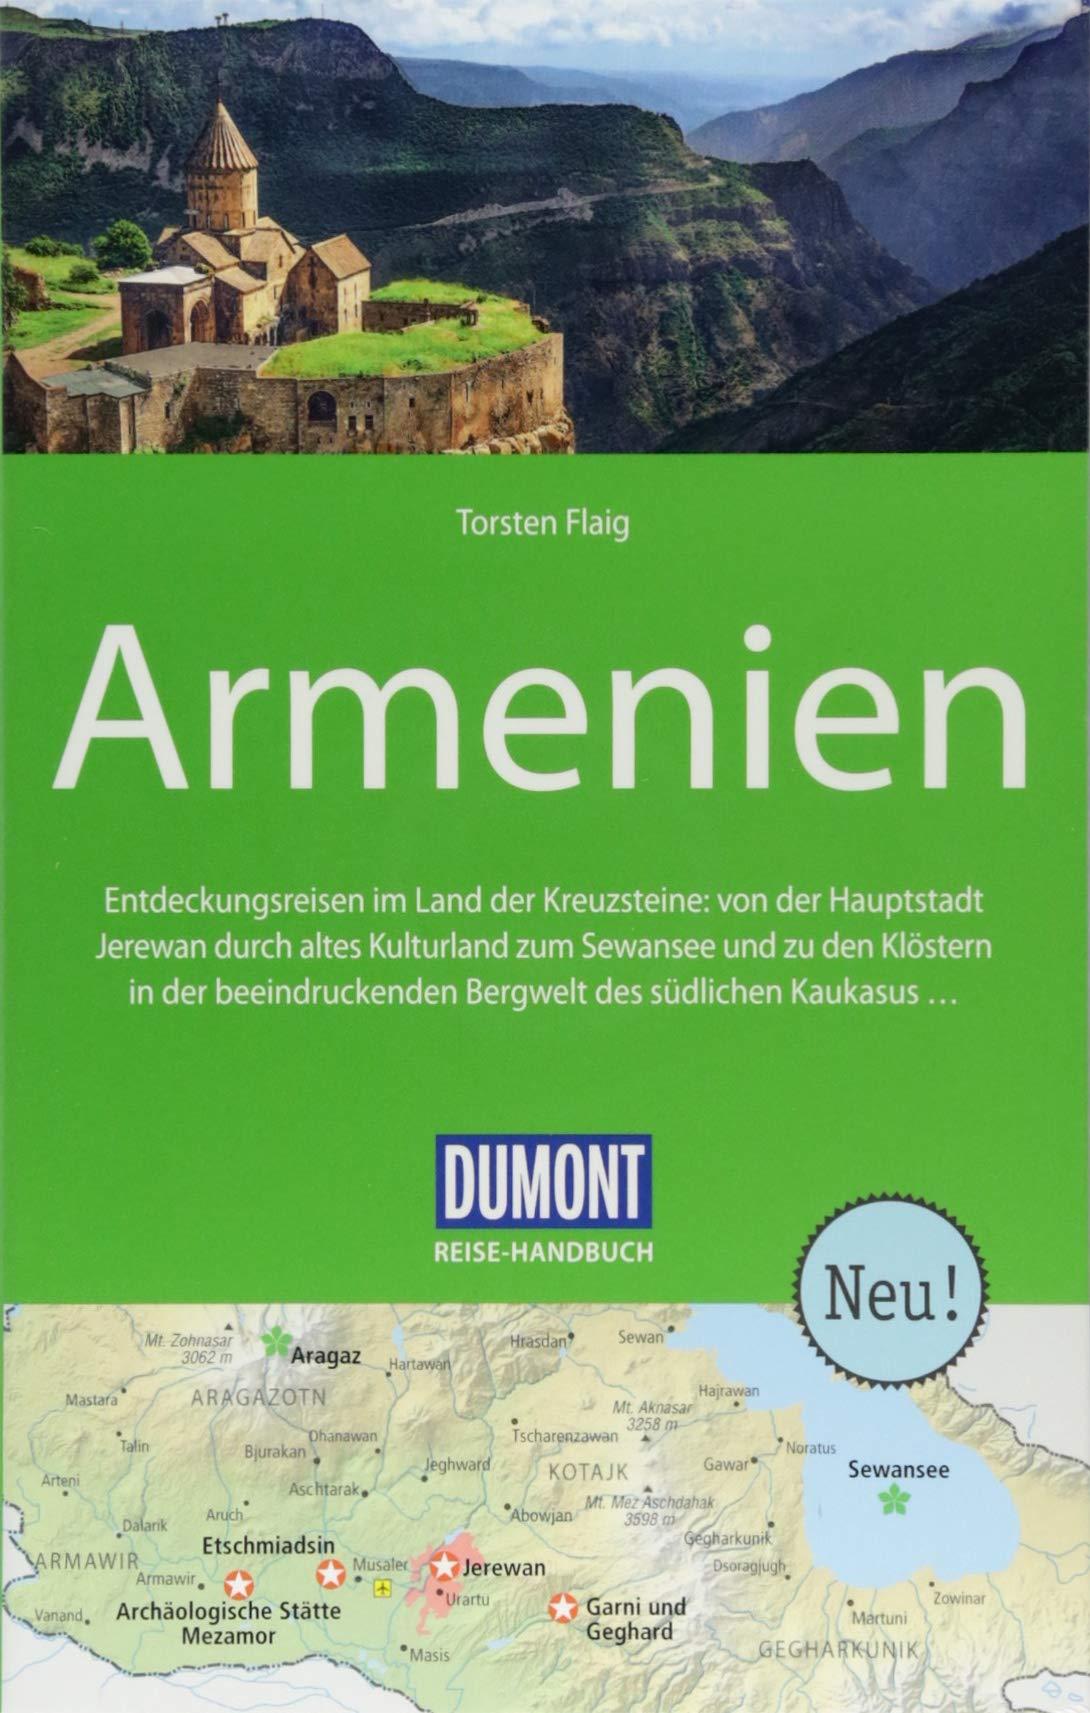 Dumont Reise Handbuch Reisefuhrer Armenien Mit Extra Reisekarte Flaig Torsten 9783770178605 Amazon Com Books